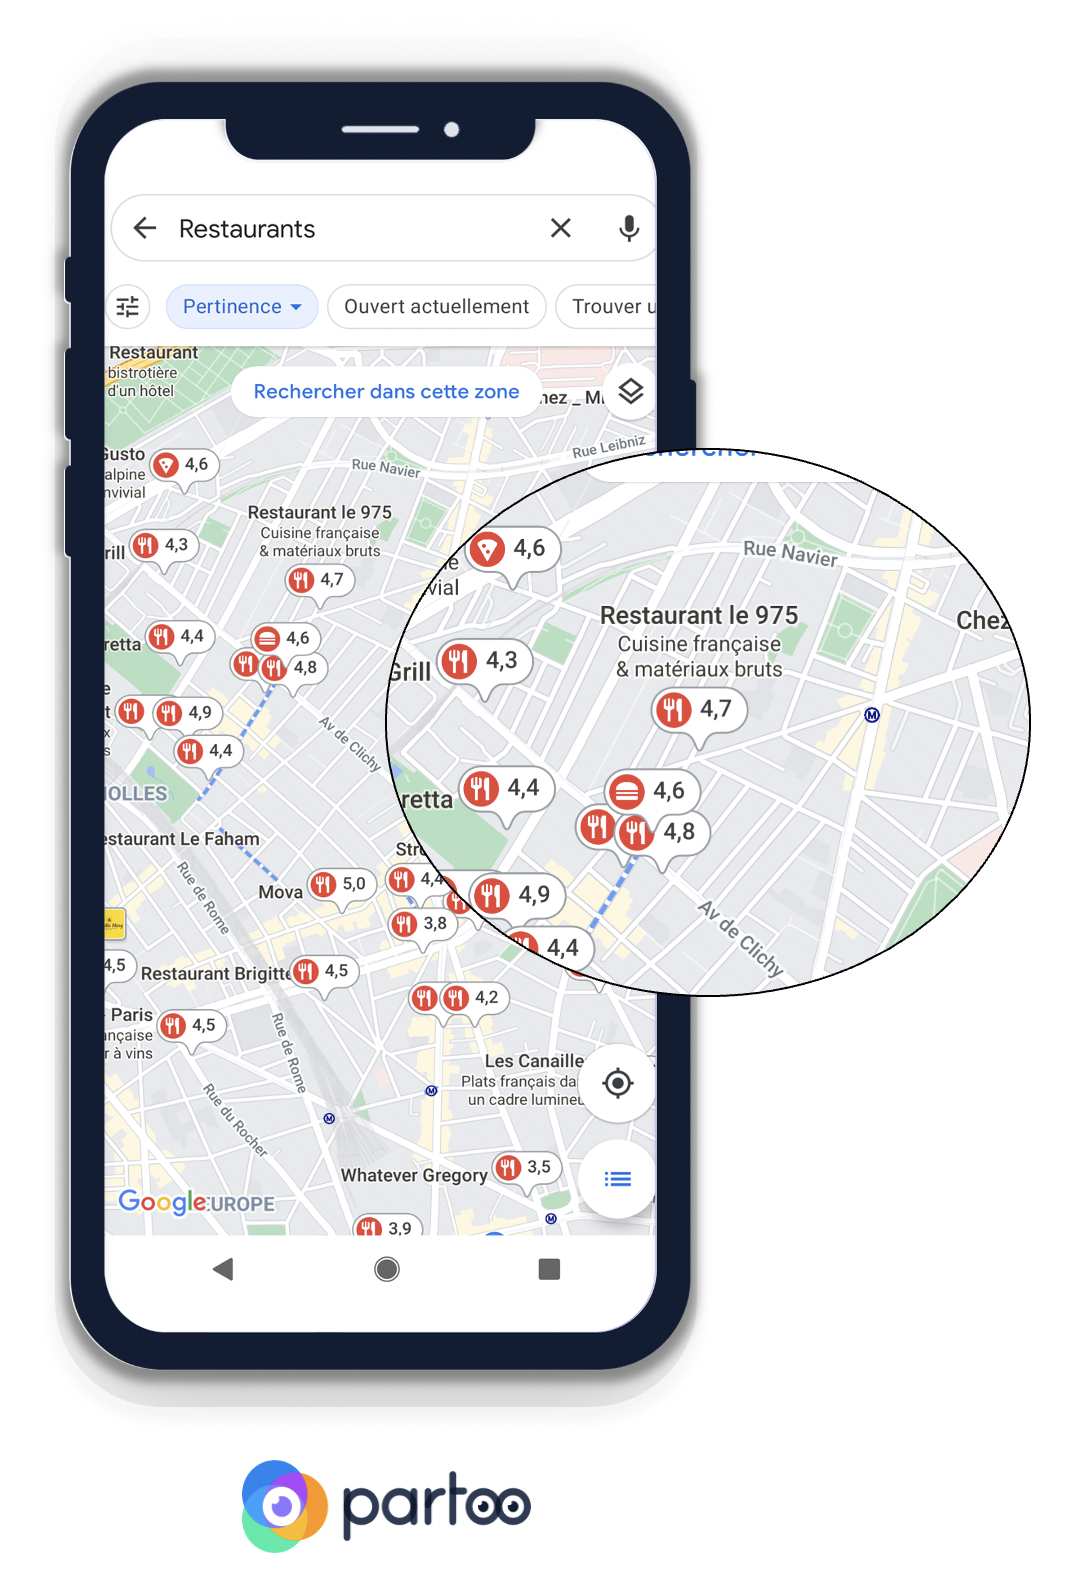 Comment les notes des restaurants s'affichent sur Google Maps